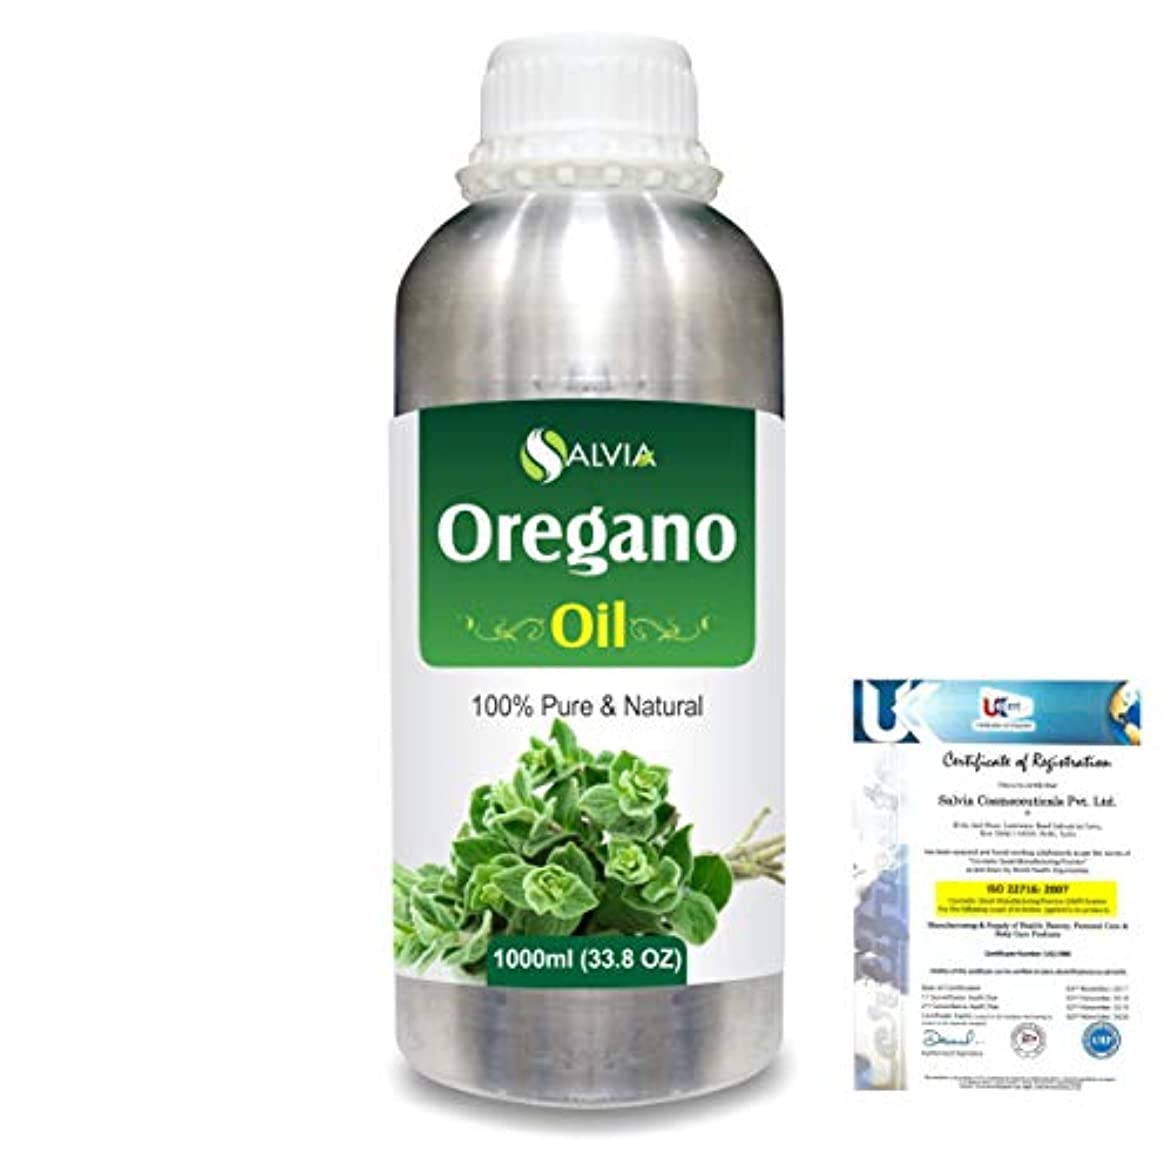 適応的悔い改め生きるOregano (Origanum vulgare) 100% Natural Pure Essential Oil 1000ml/33.8fl.oz.